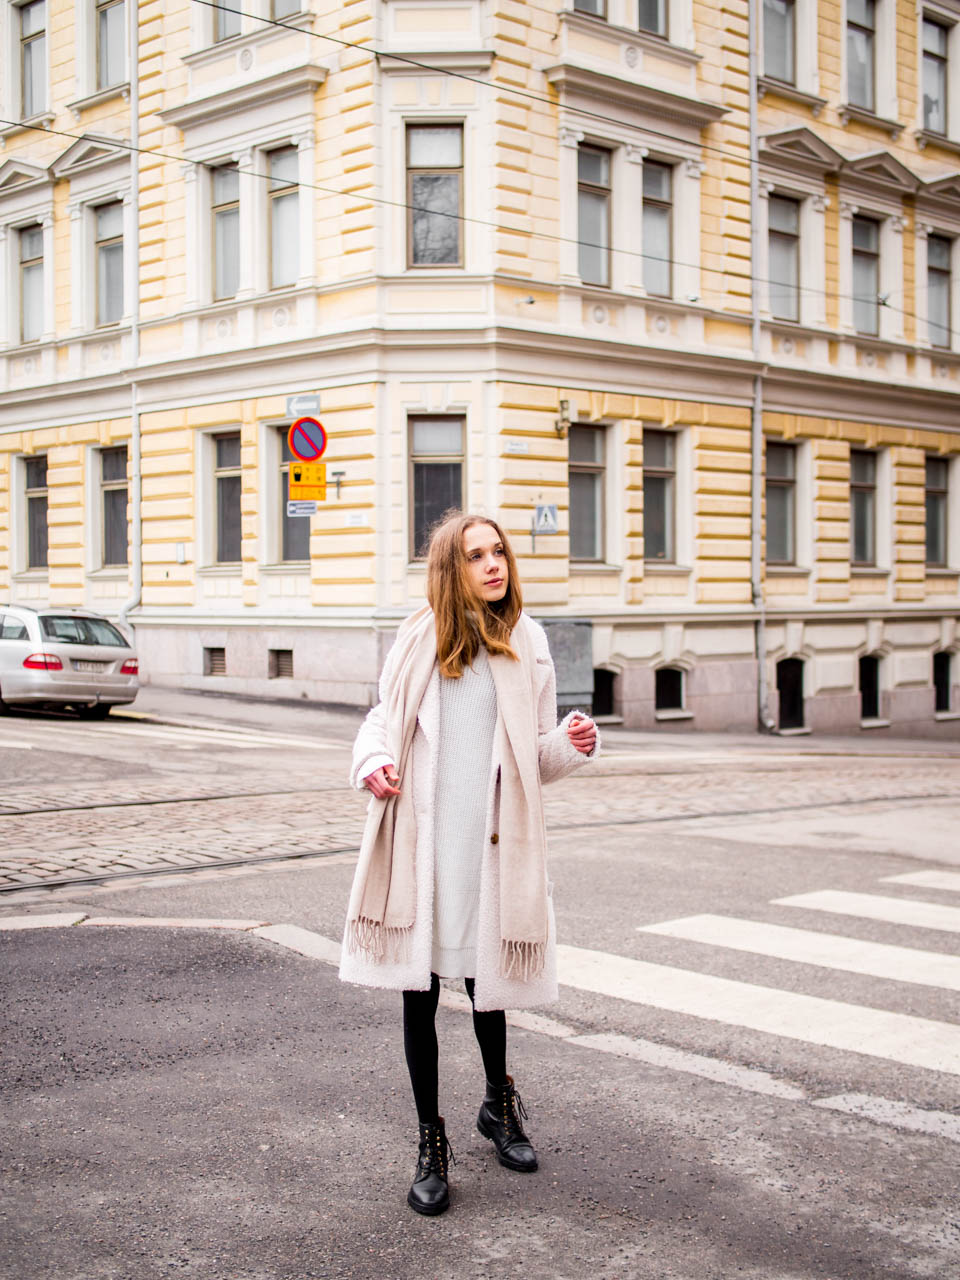 Scandinavian winter streetstyle, Helsinki, Finland - Muotibloggaaja Helsinki